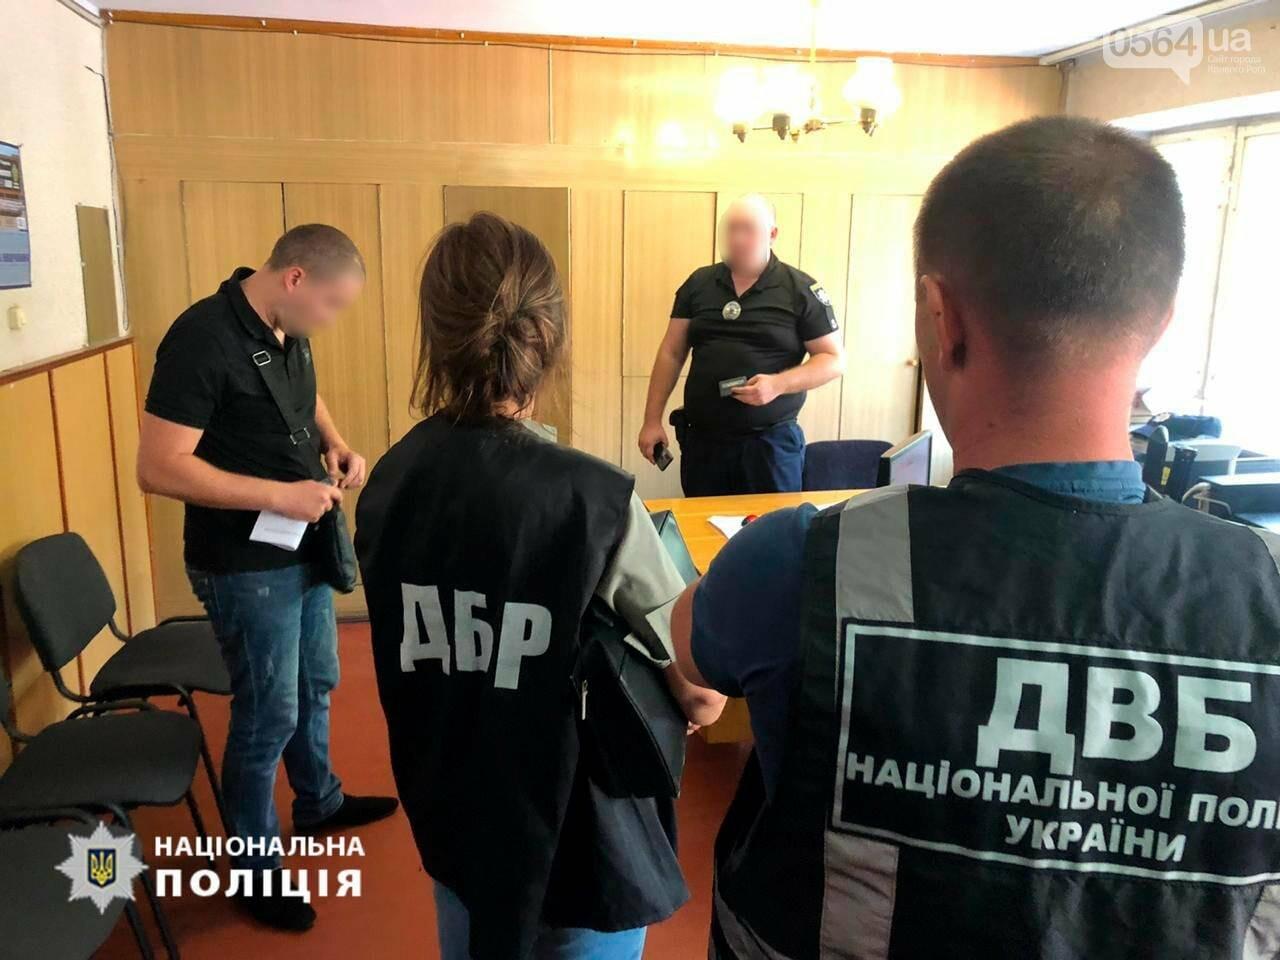 В Кривом Роге полицейского поймали на взятке, - ФОТО, фото-3